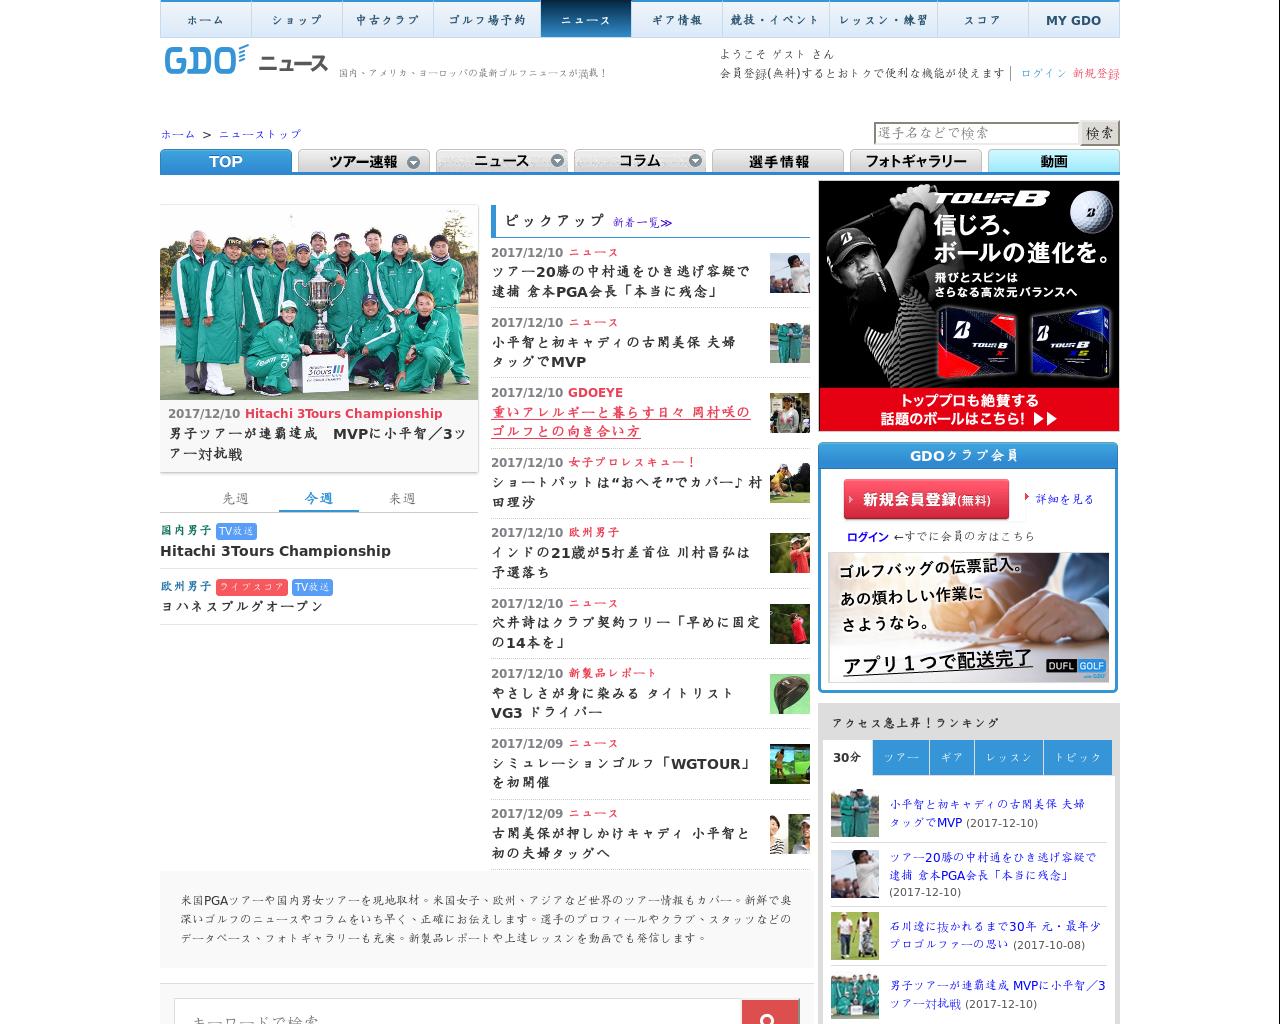 news.golfdigest.co.jp(2017/12/11 00:35:39)